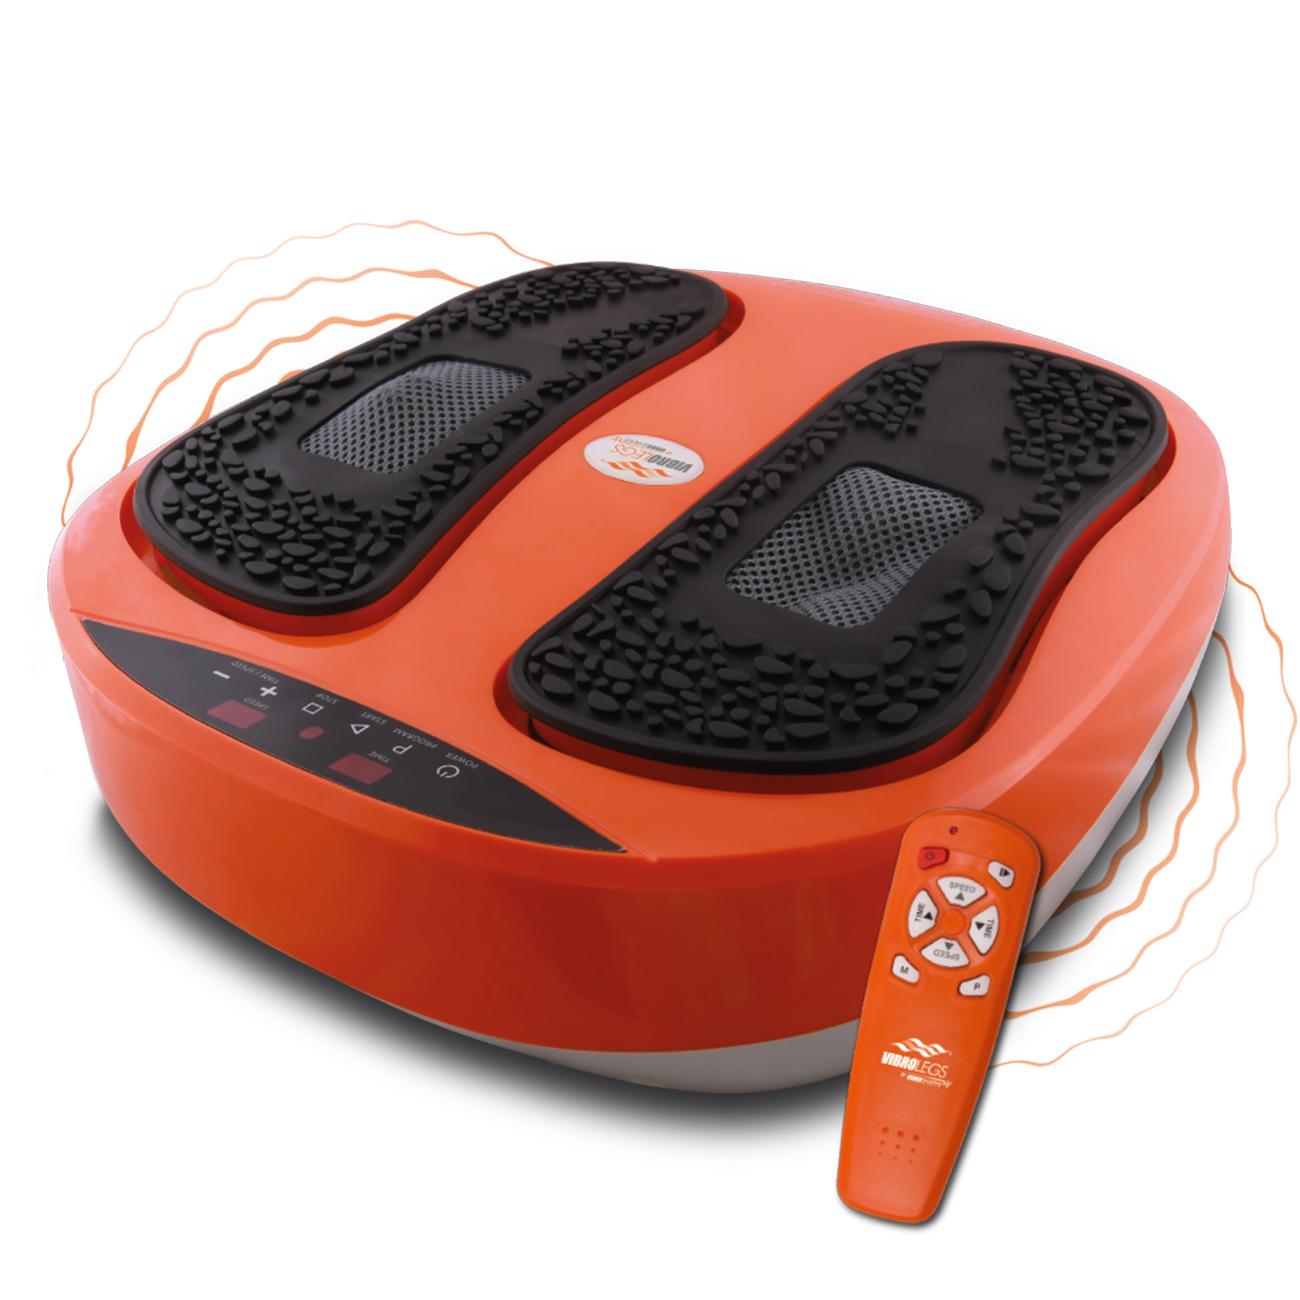 Das Fußmassagegerät bietet eine einzigartige Kombination aus Oszillation und Akupressur – zur Entspannung, Erfrischung und Stärkung müder Füße und Beine.